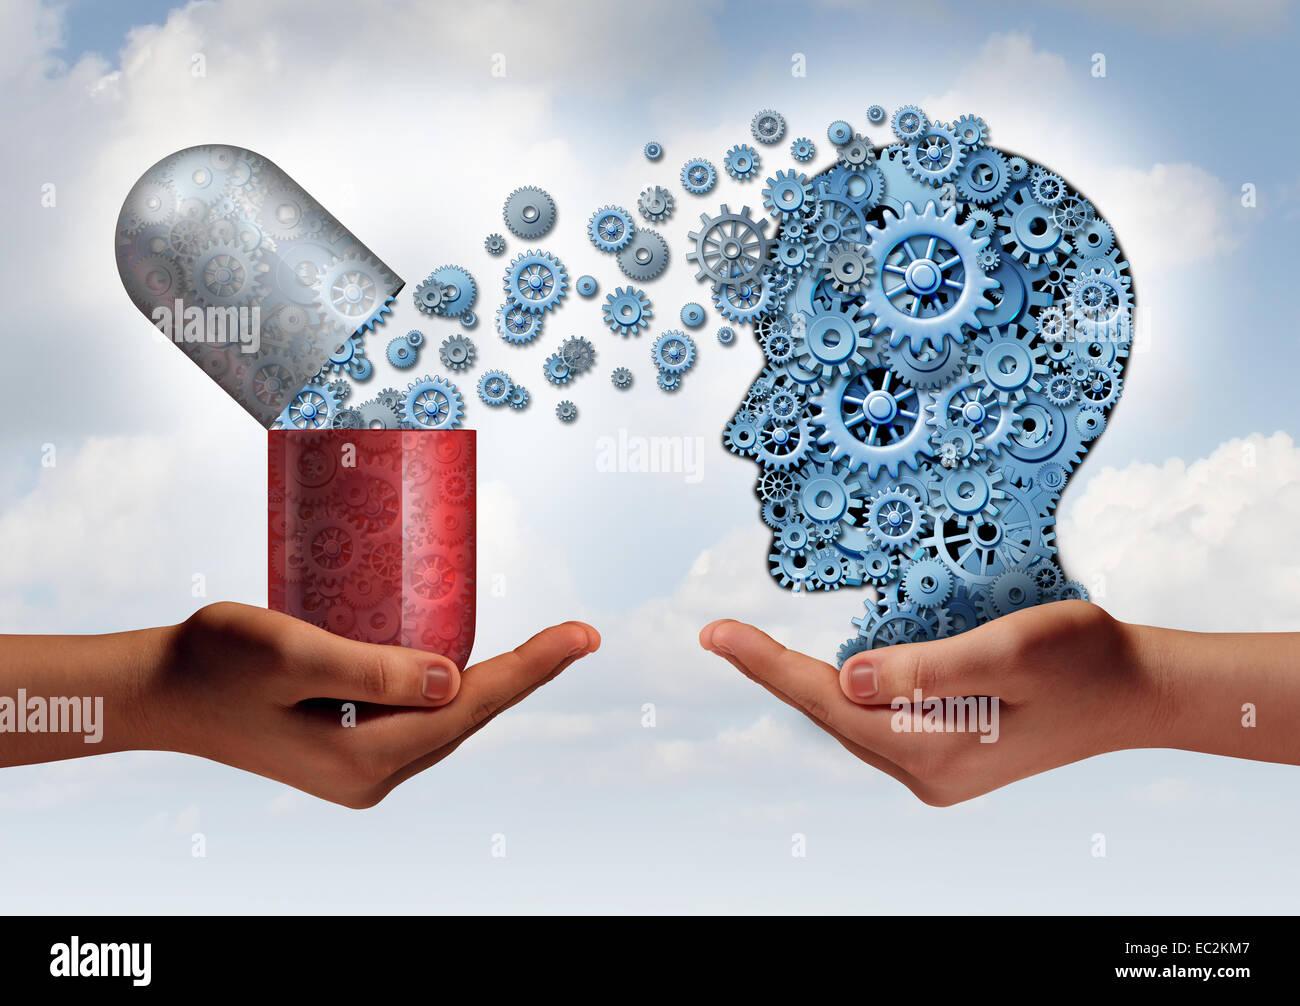 Cerebro medicina concepto de atención de la salud mental como manos sosteniendo una cápsula de píldora Imagen De Stock